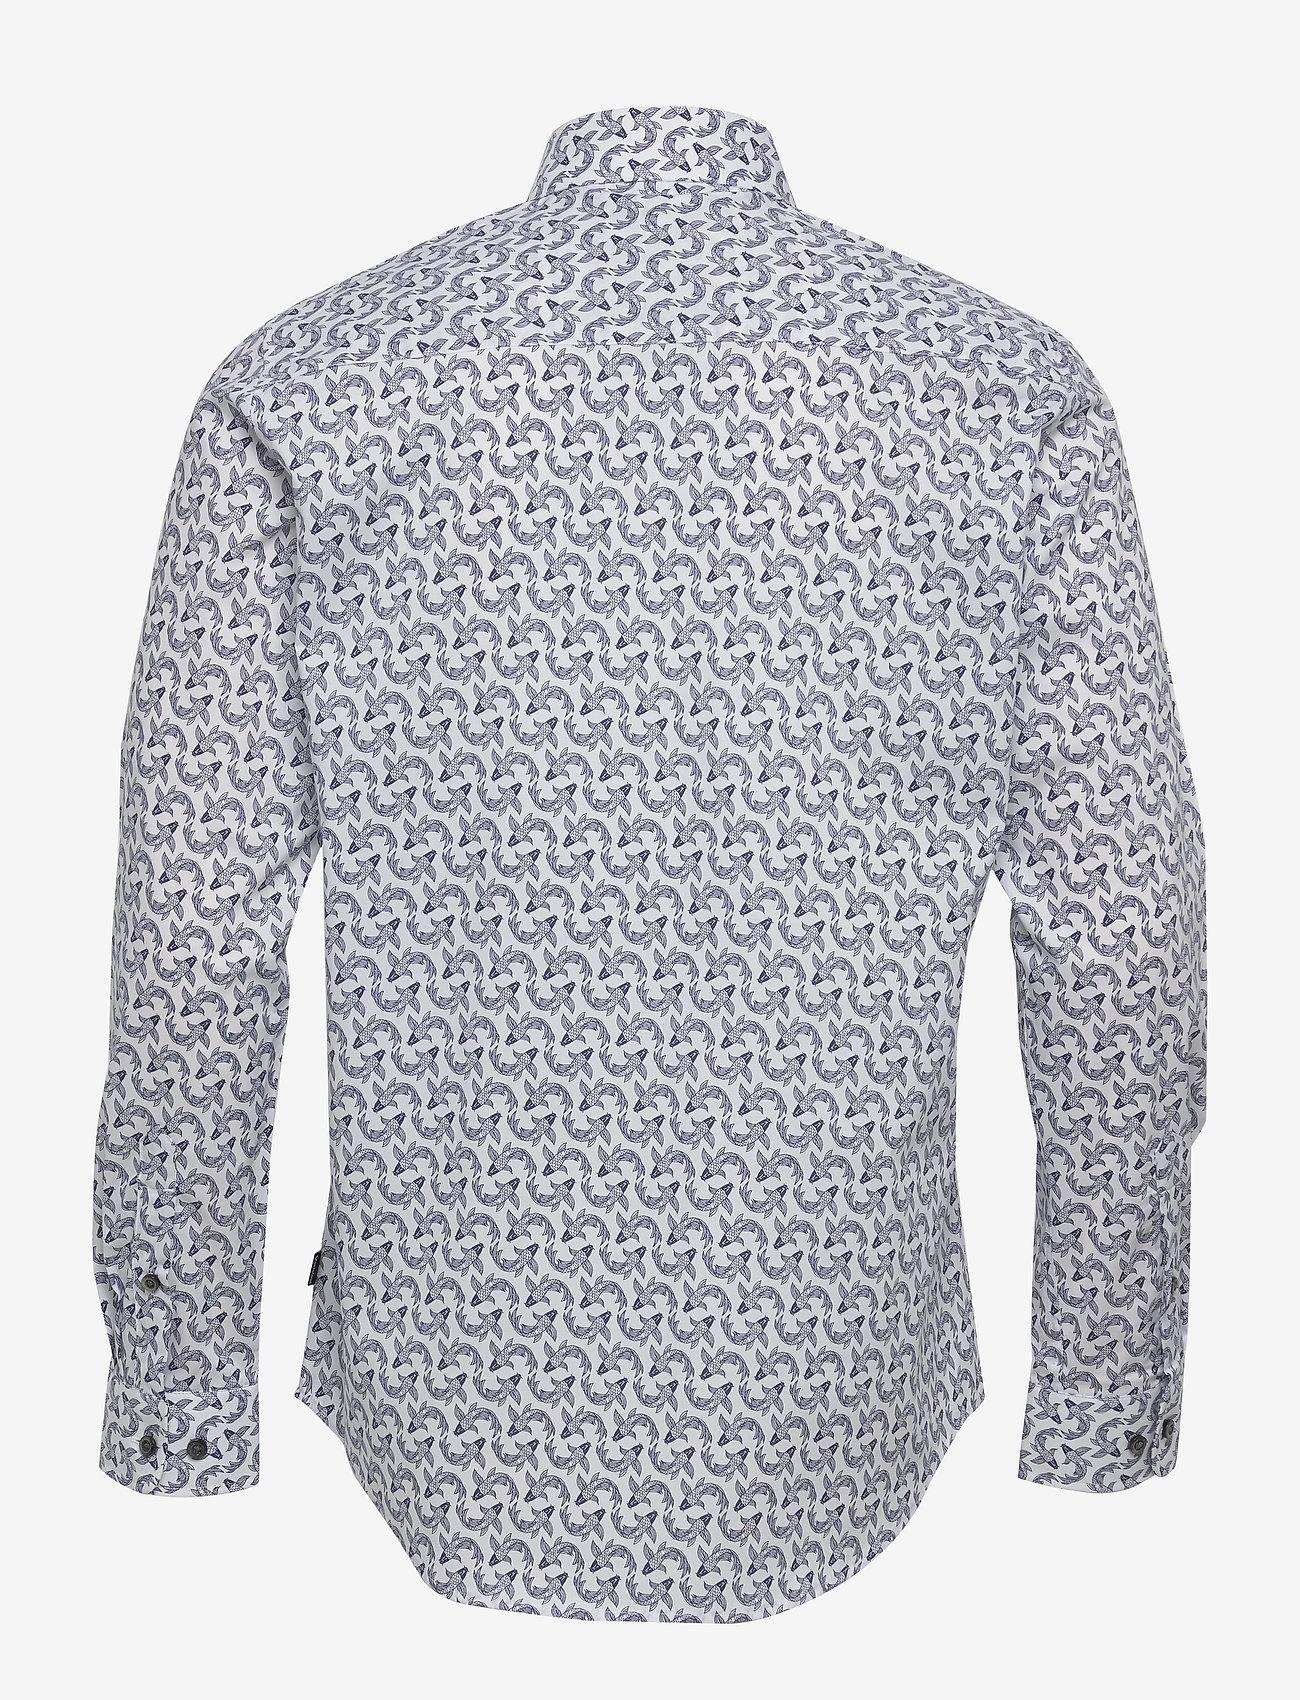 Matinique MAtrostol B5 - Skjorter WHITE - Menn Klær